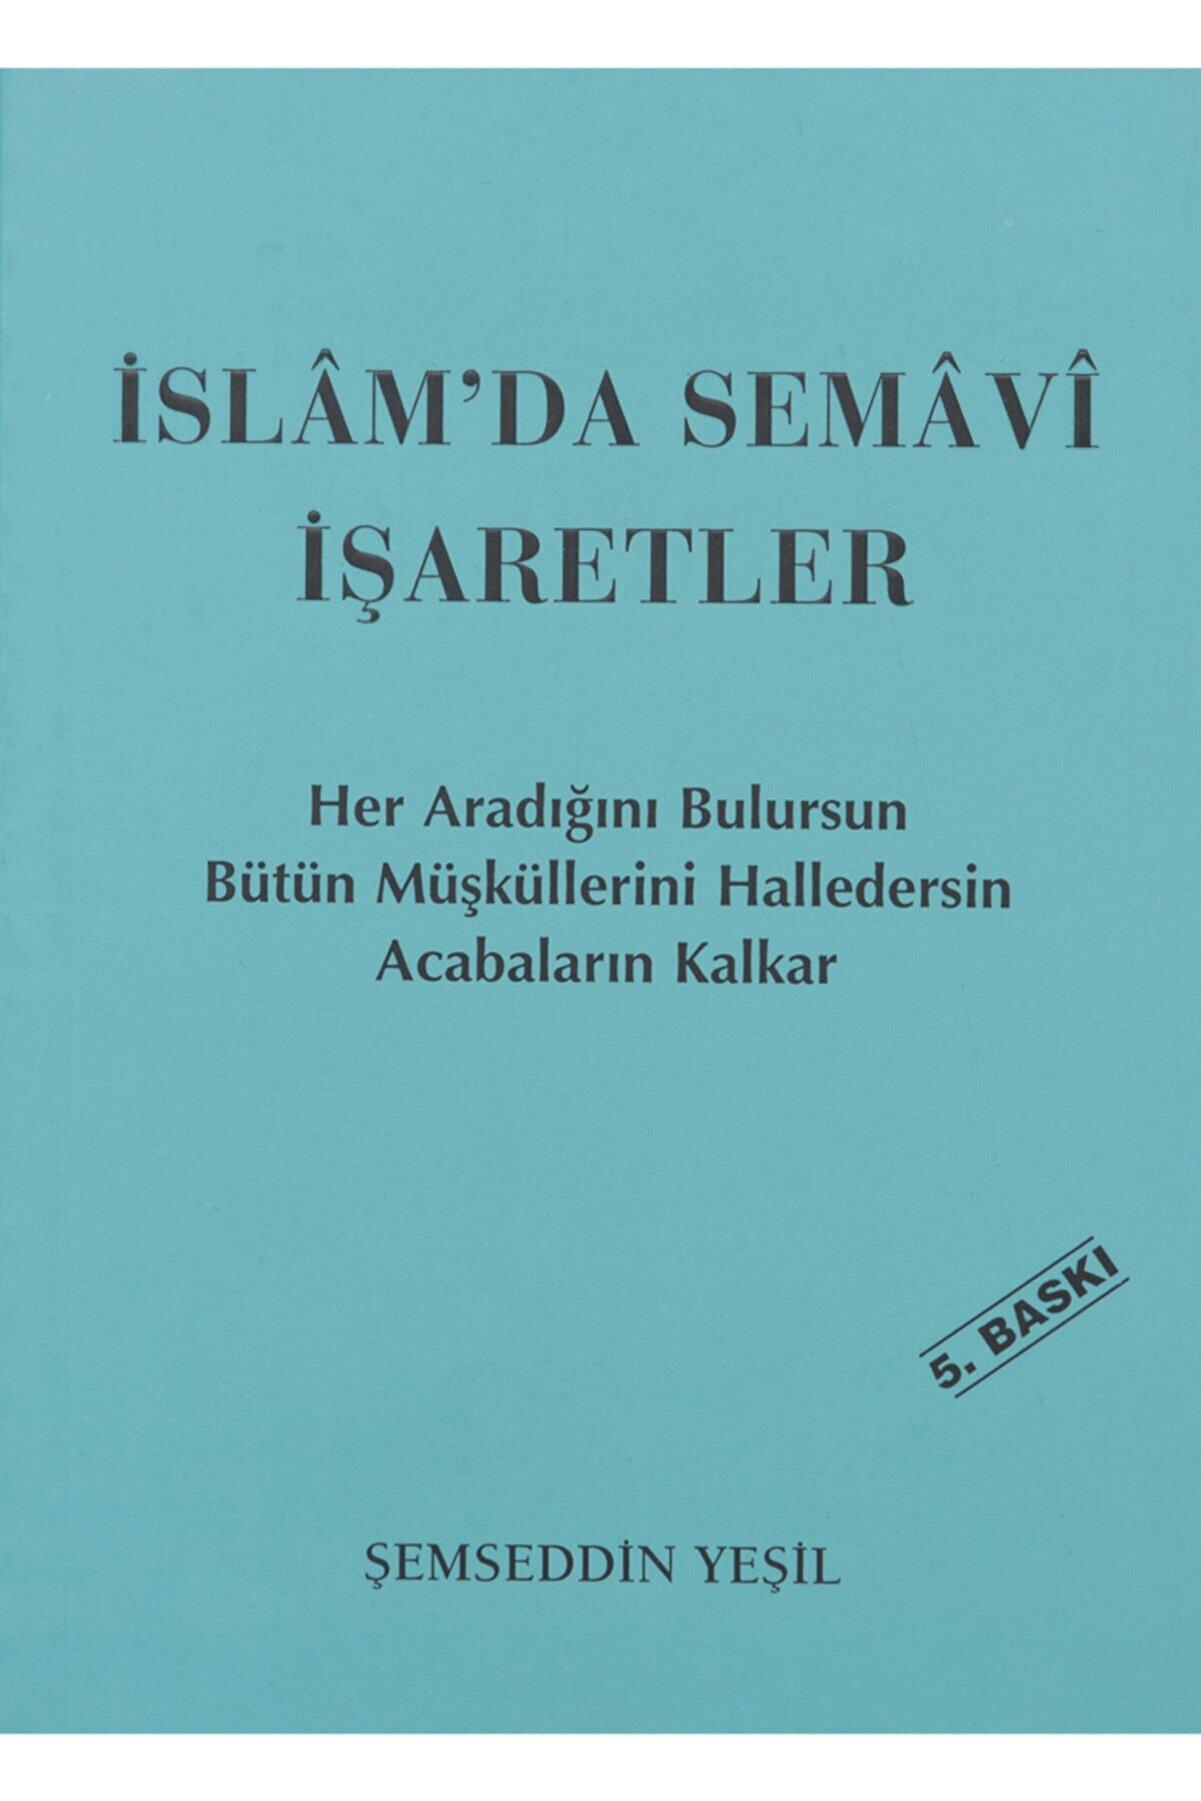 Şemseddin Yeşil Islam'da Semavi Işaretler